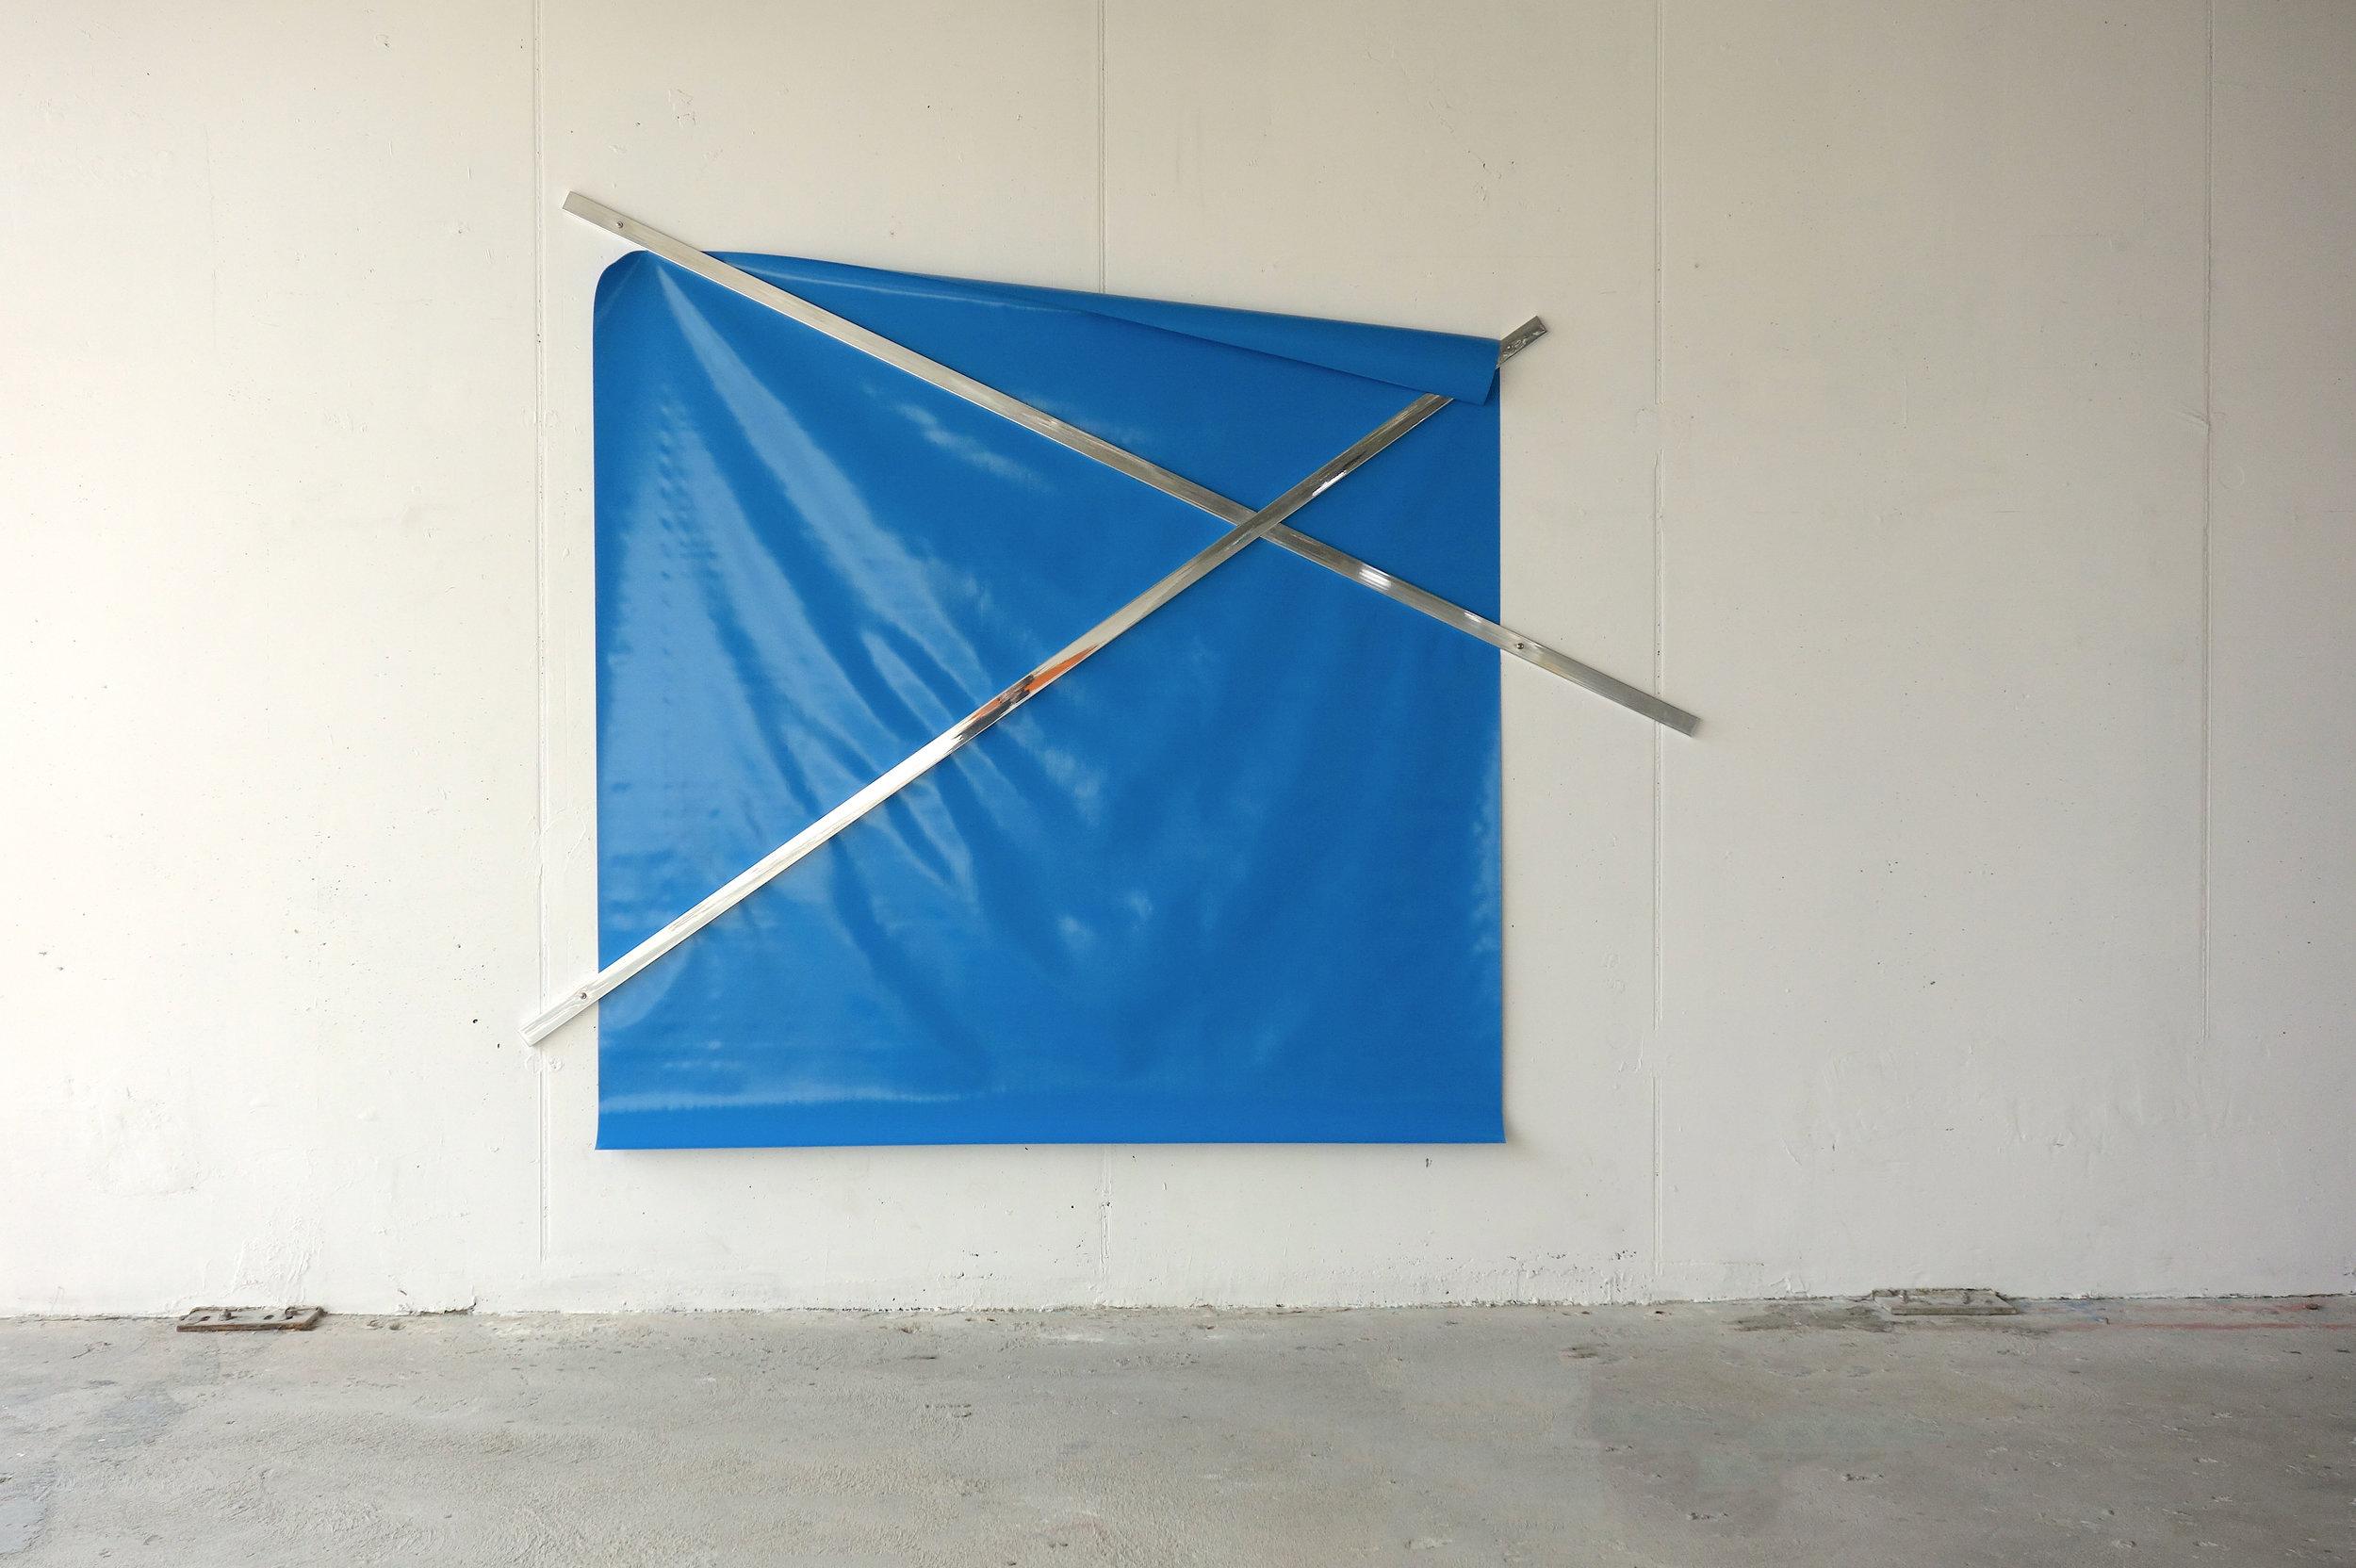 o.T. (untitled), 2009  PVC tarpaulin, water blue (218 x 218 cm), aluminum, polished (300 x 5 x 2 cm), 235 x 290 x 2 cm